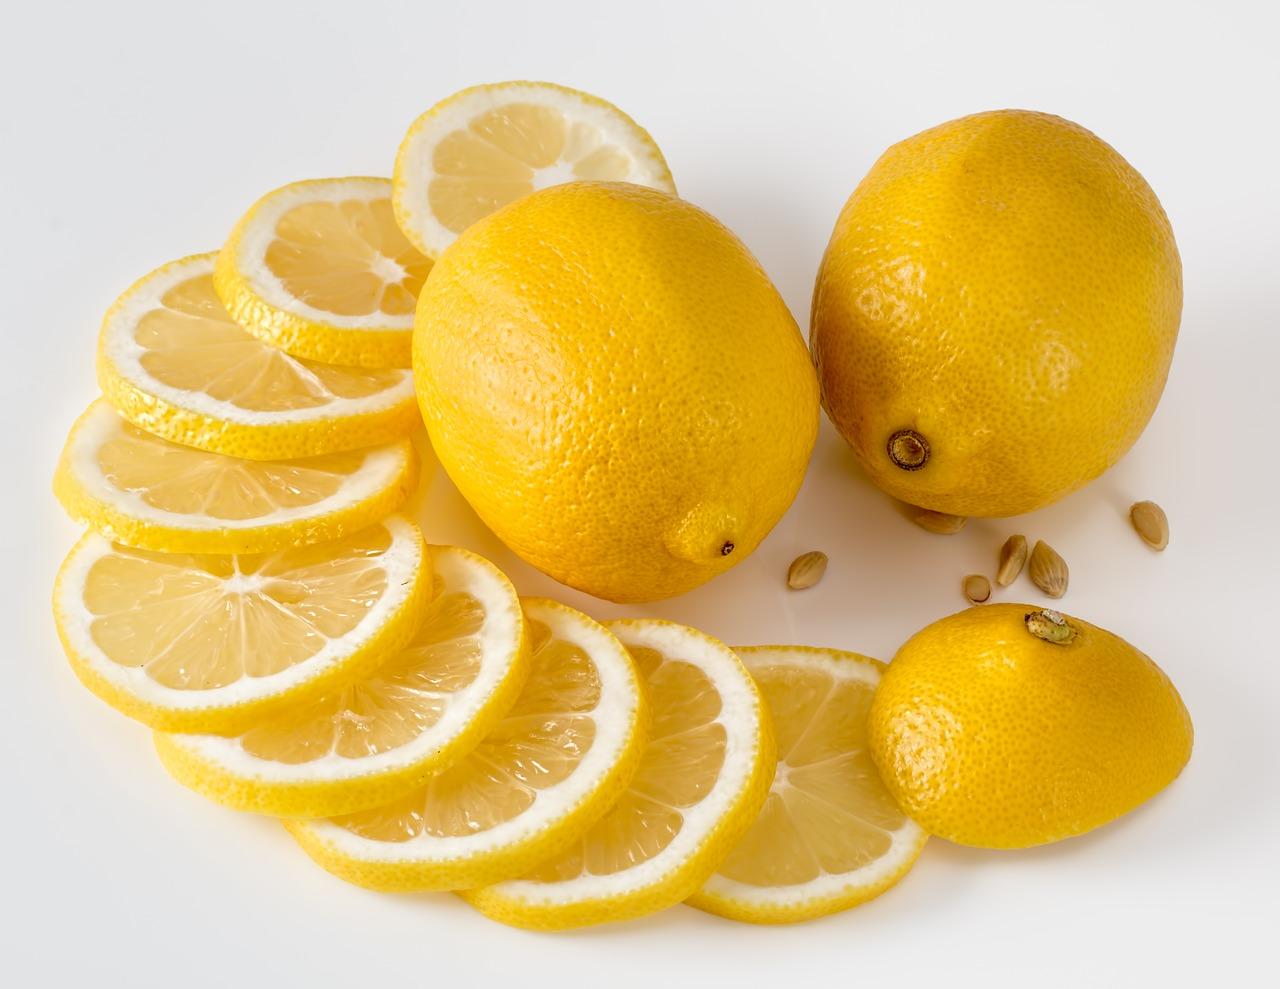 塩レモンの使い方はとっても簡単!飲み物にしたり、豚肉や鍋に最適な方法をご紹介!